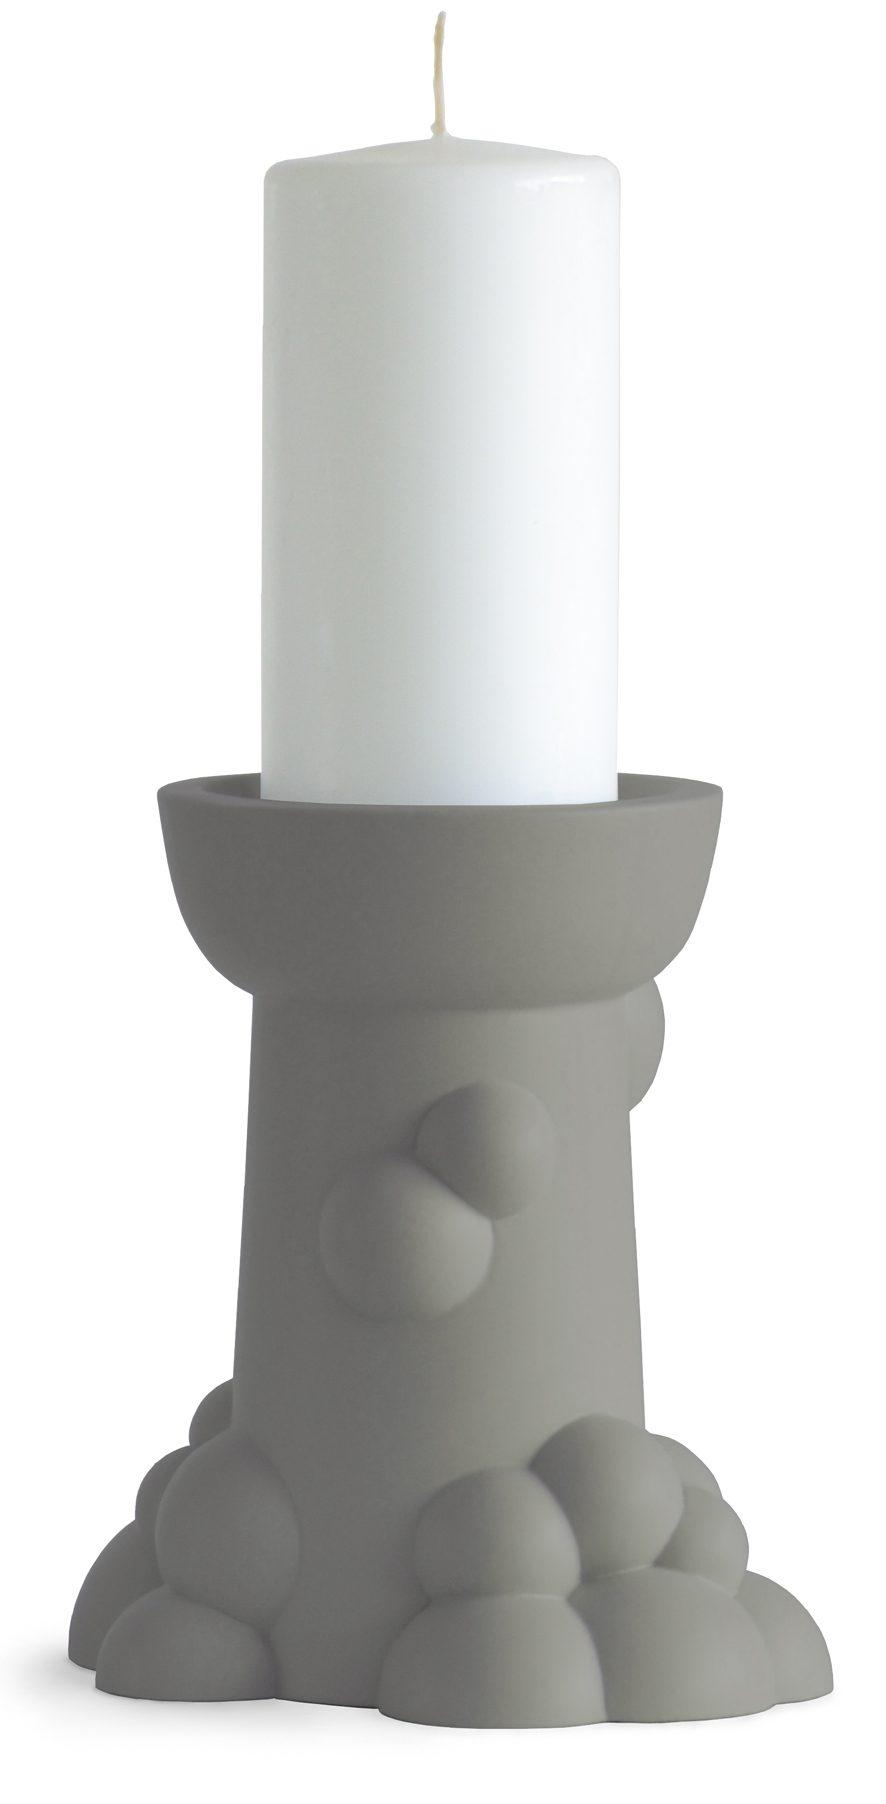 Bubble kandelaar groot groengrijs-BubblecandleholderLarge-JORINE-Oosterhoff-Dutchdesign – gimmii